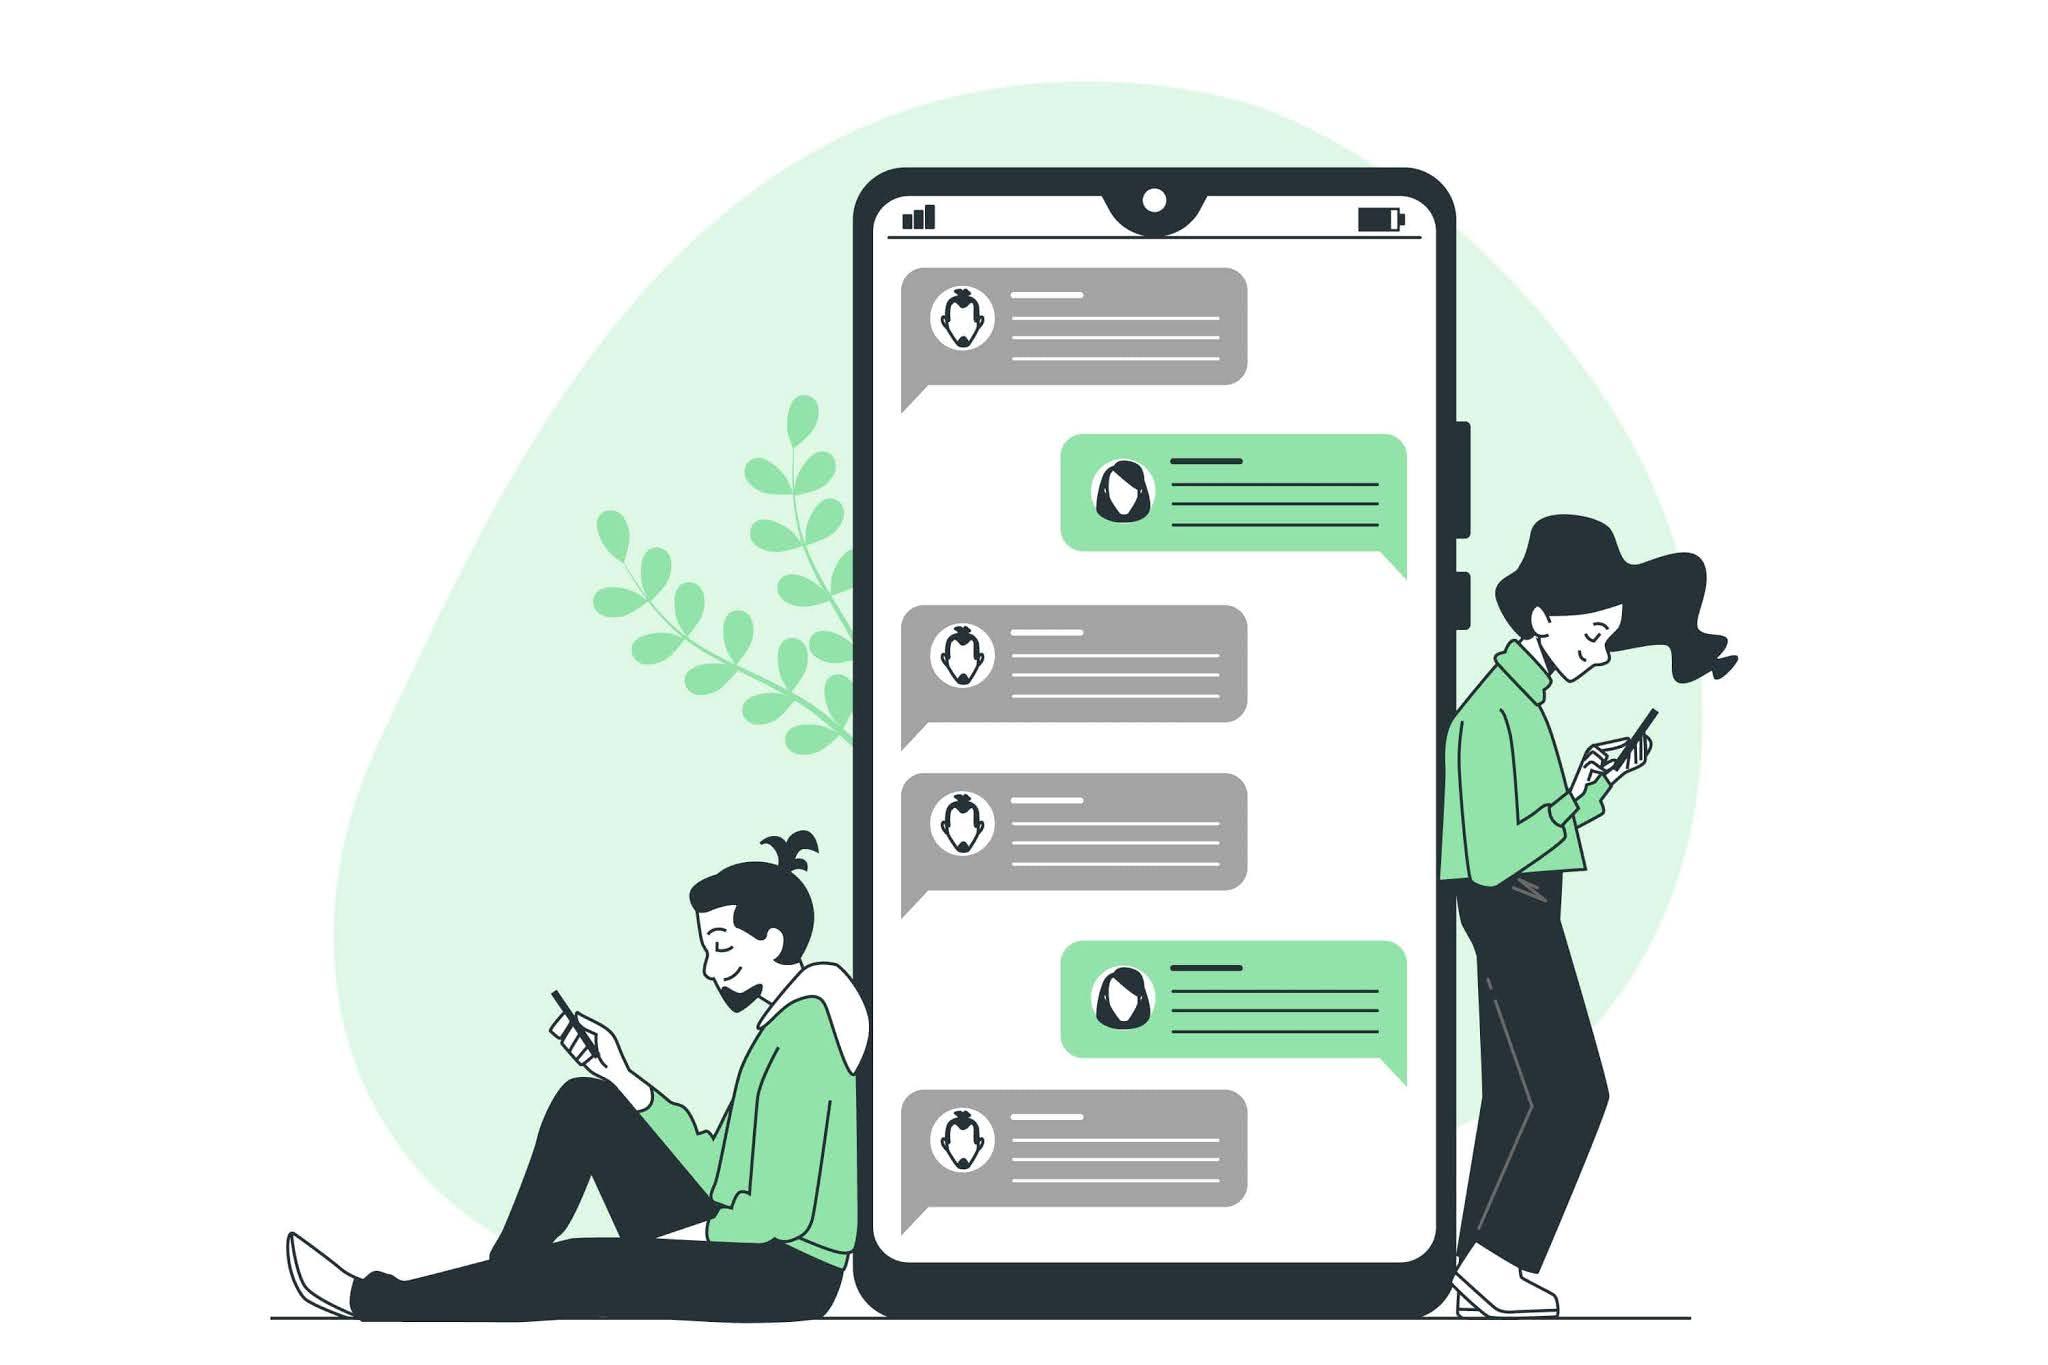 Şifreli Mesajlaşma Uygulamaları